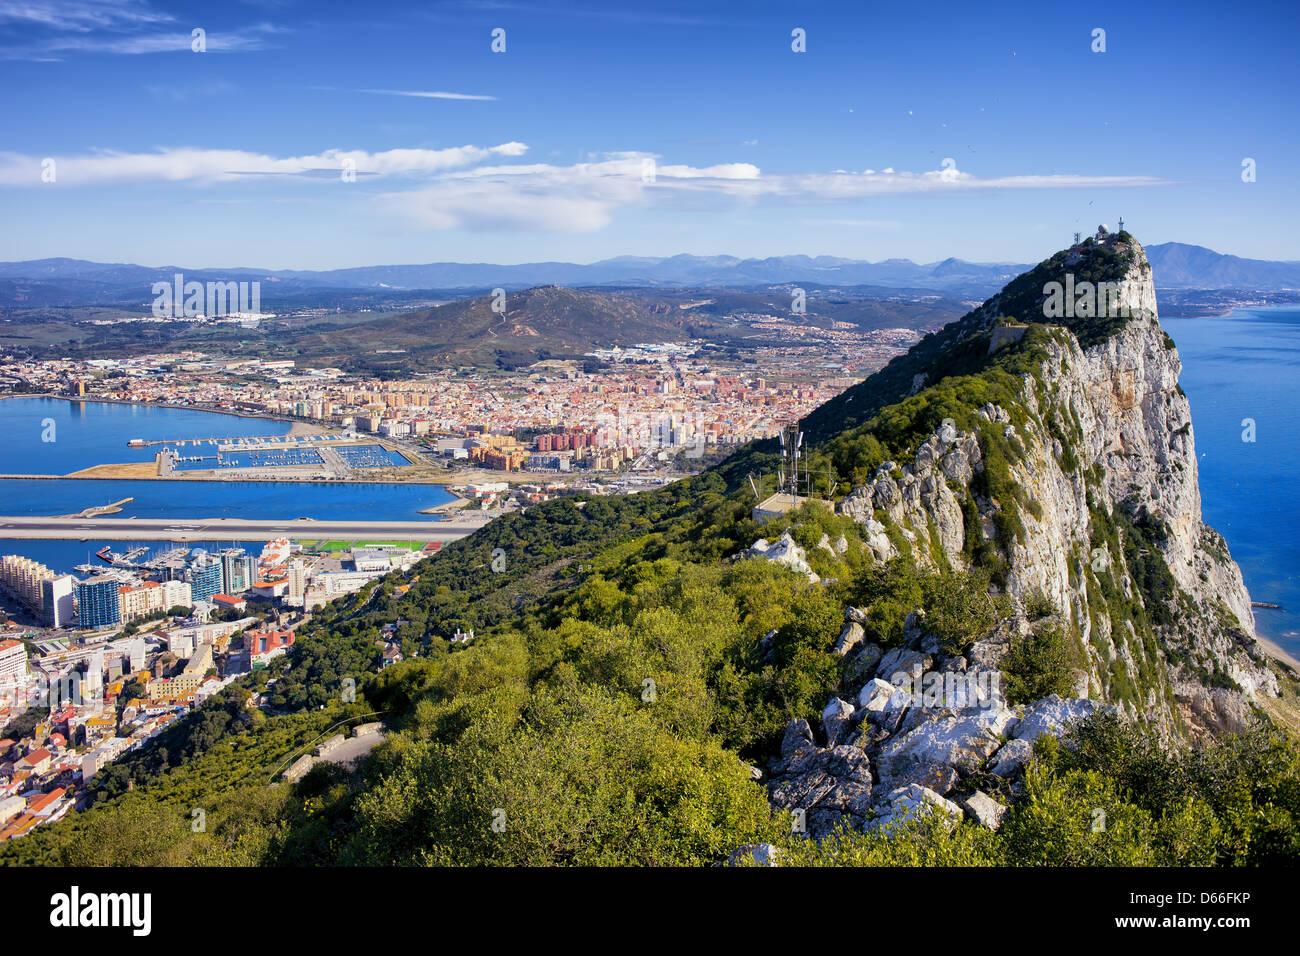 Rocca di Gibilterra nella parte meridionale della penisola iberica. Foto Stock